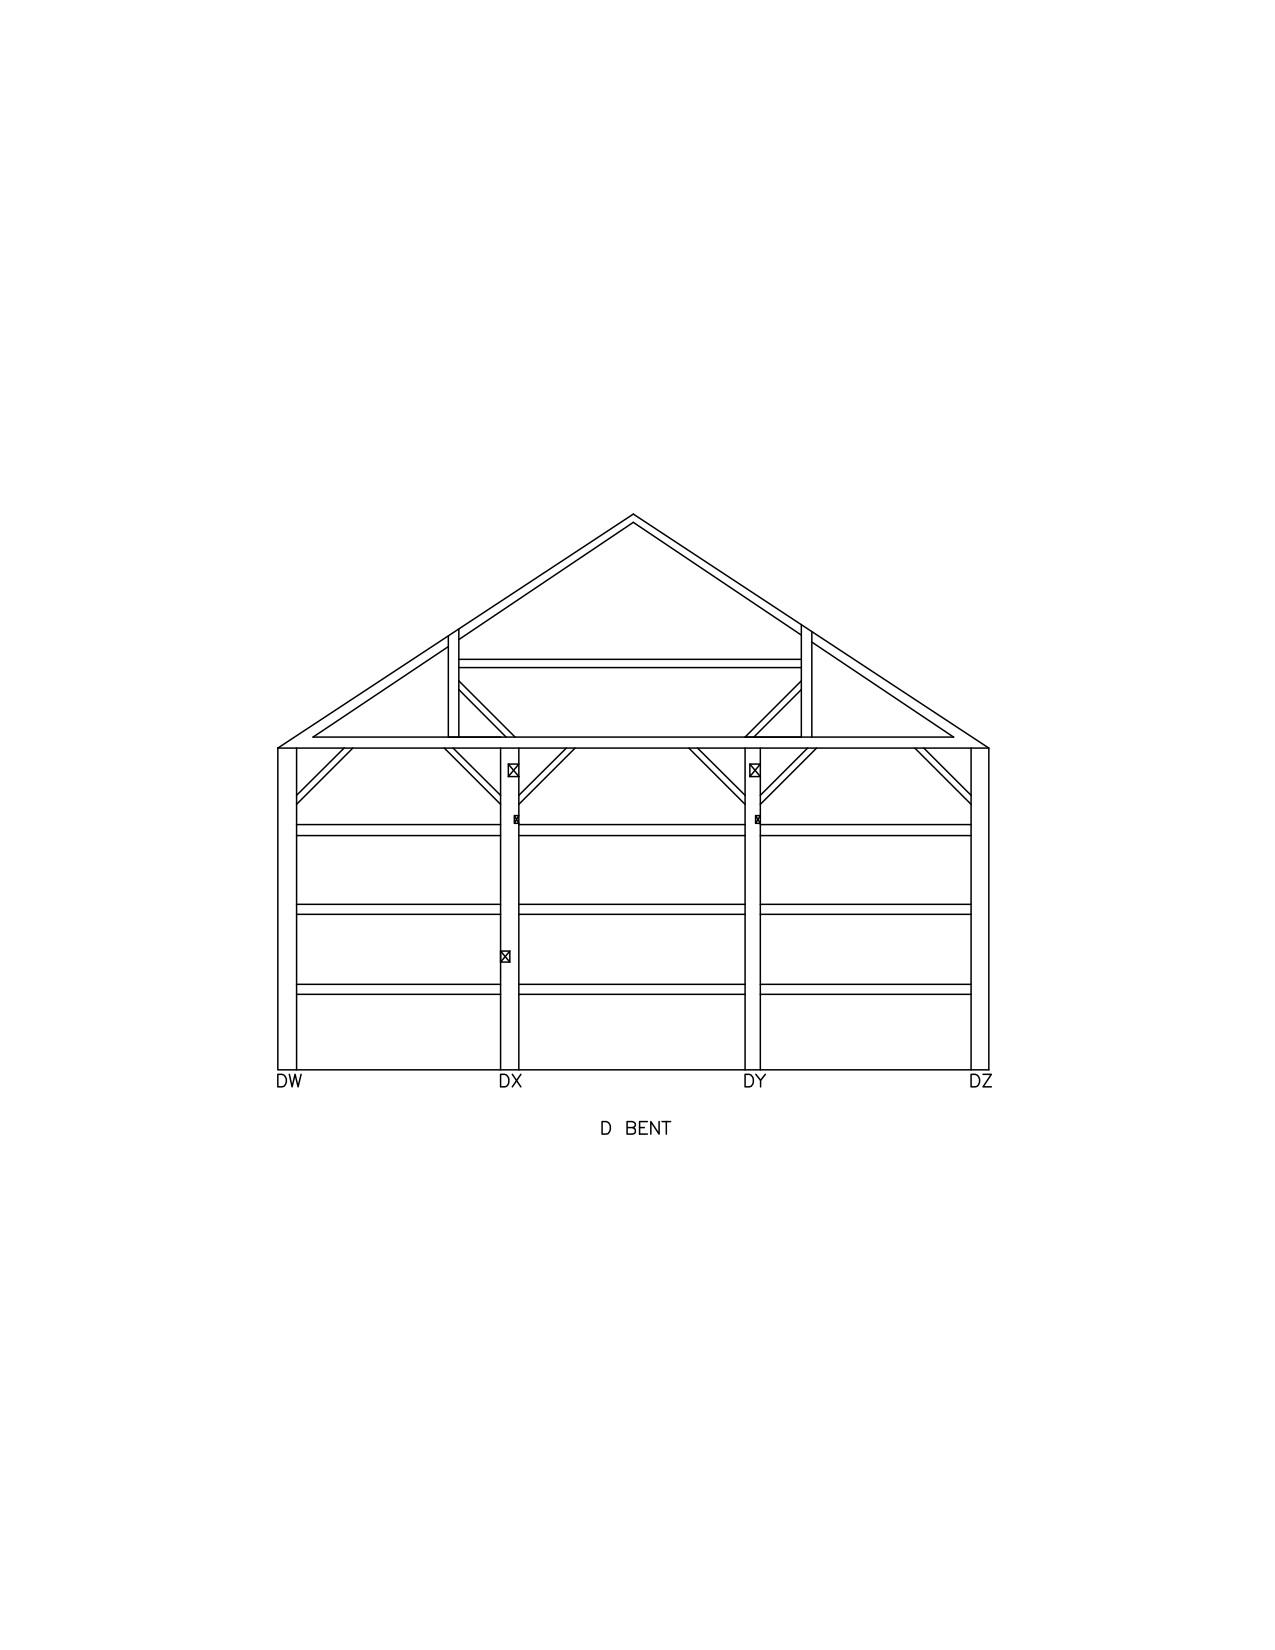 Building 62-D Bent.jpg